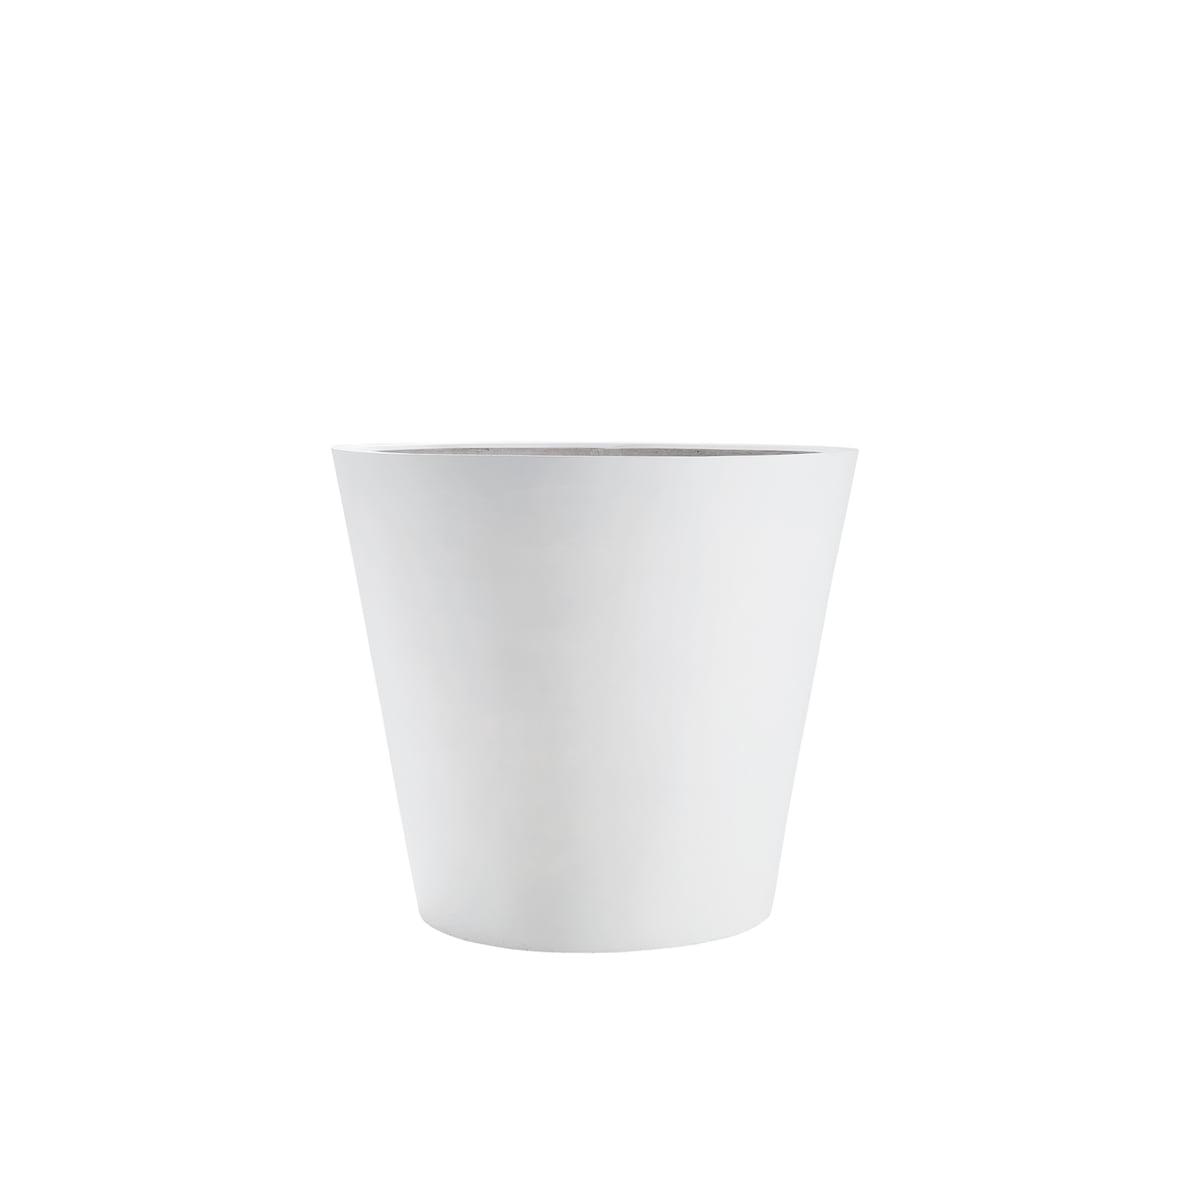 Amei - Der Runde Pflanzkübel, XXS, weiß   Dekoration > Dekopflanzen > Pflanzenkübel   Amei